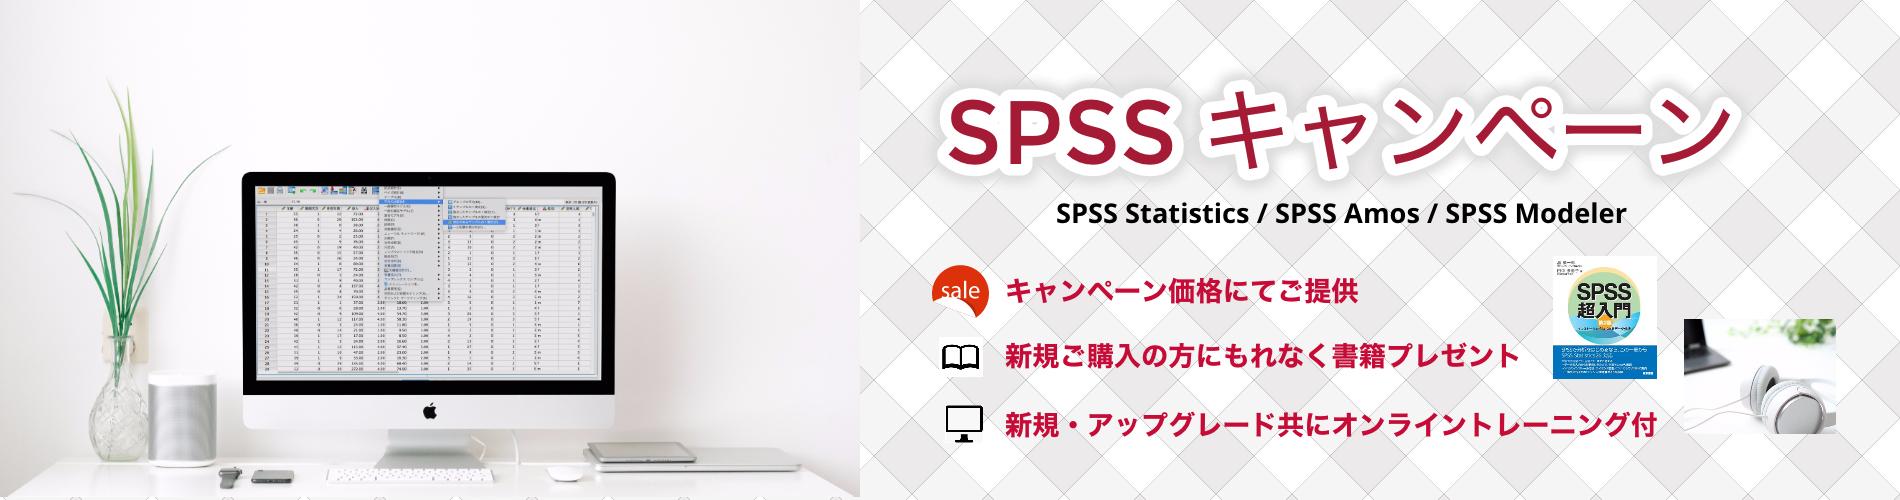 SPSSキャンペーン